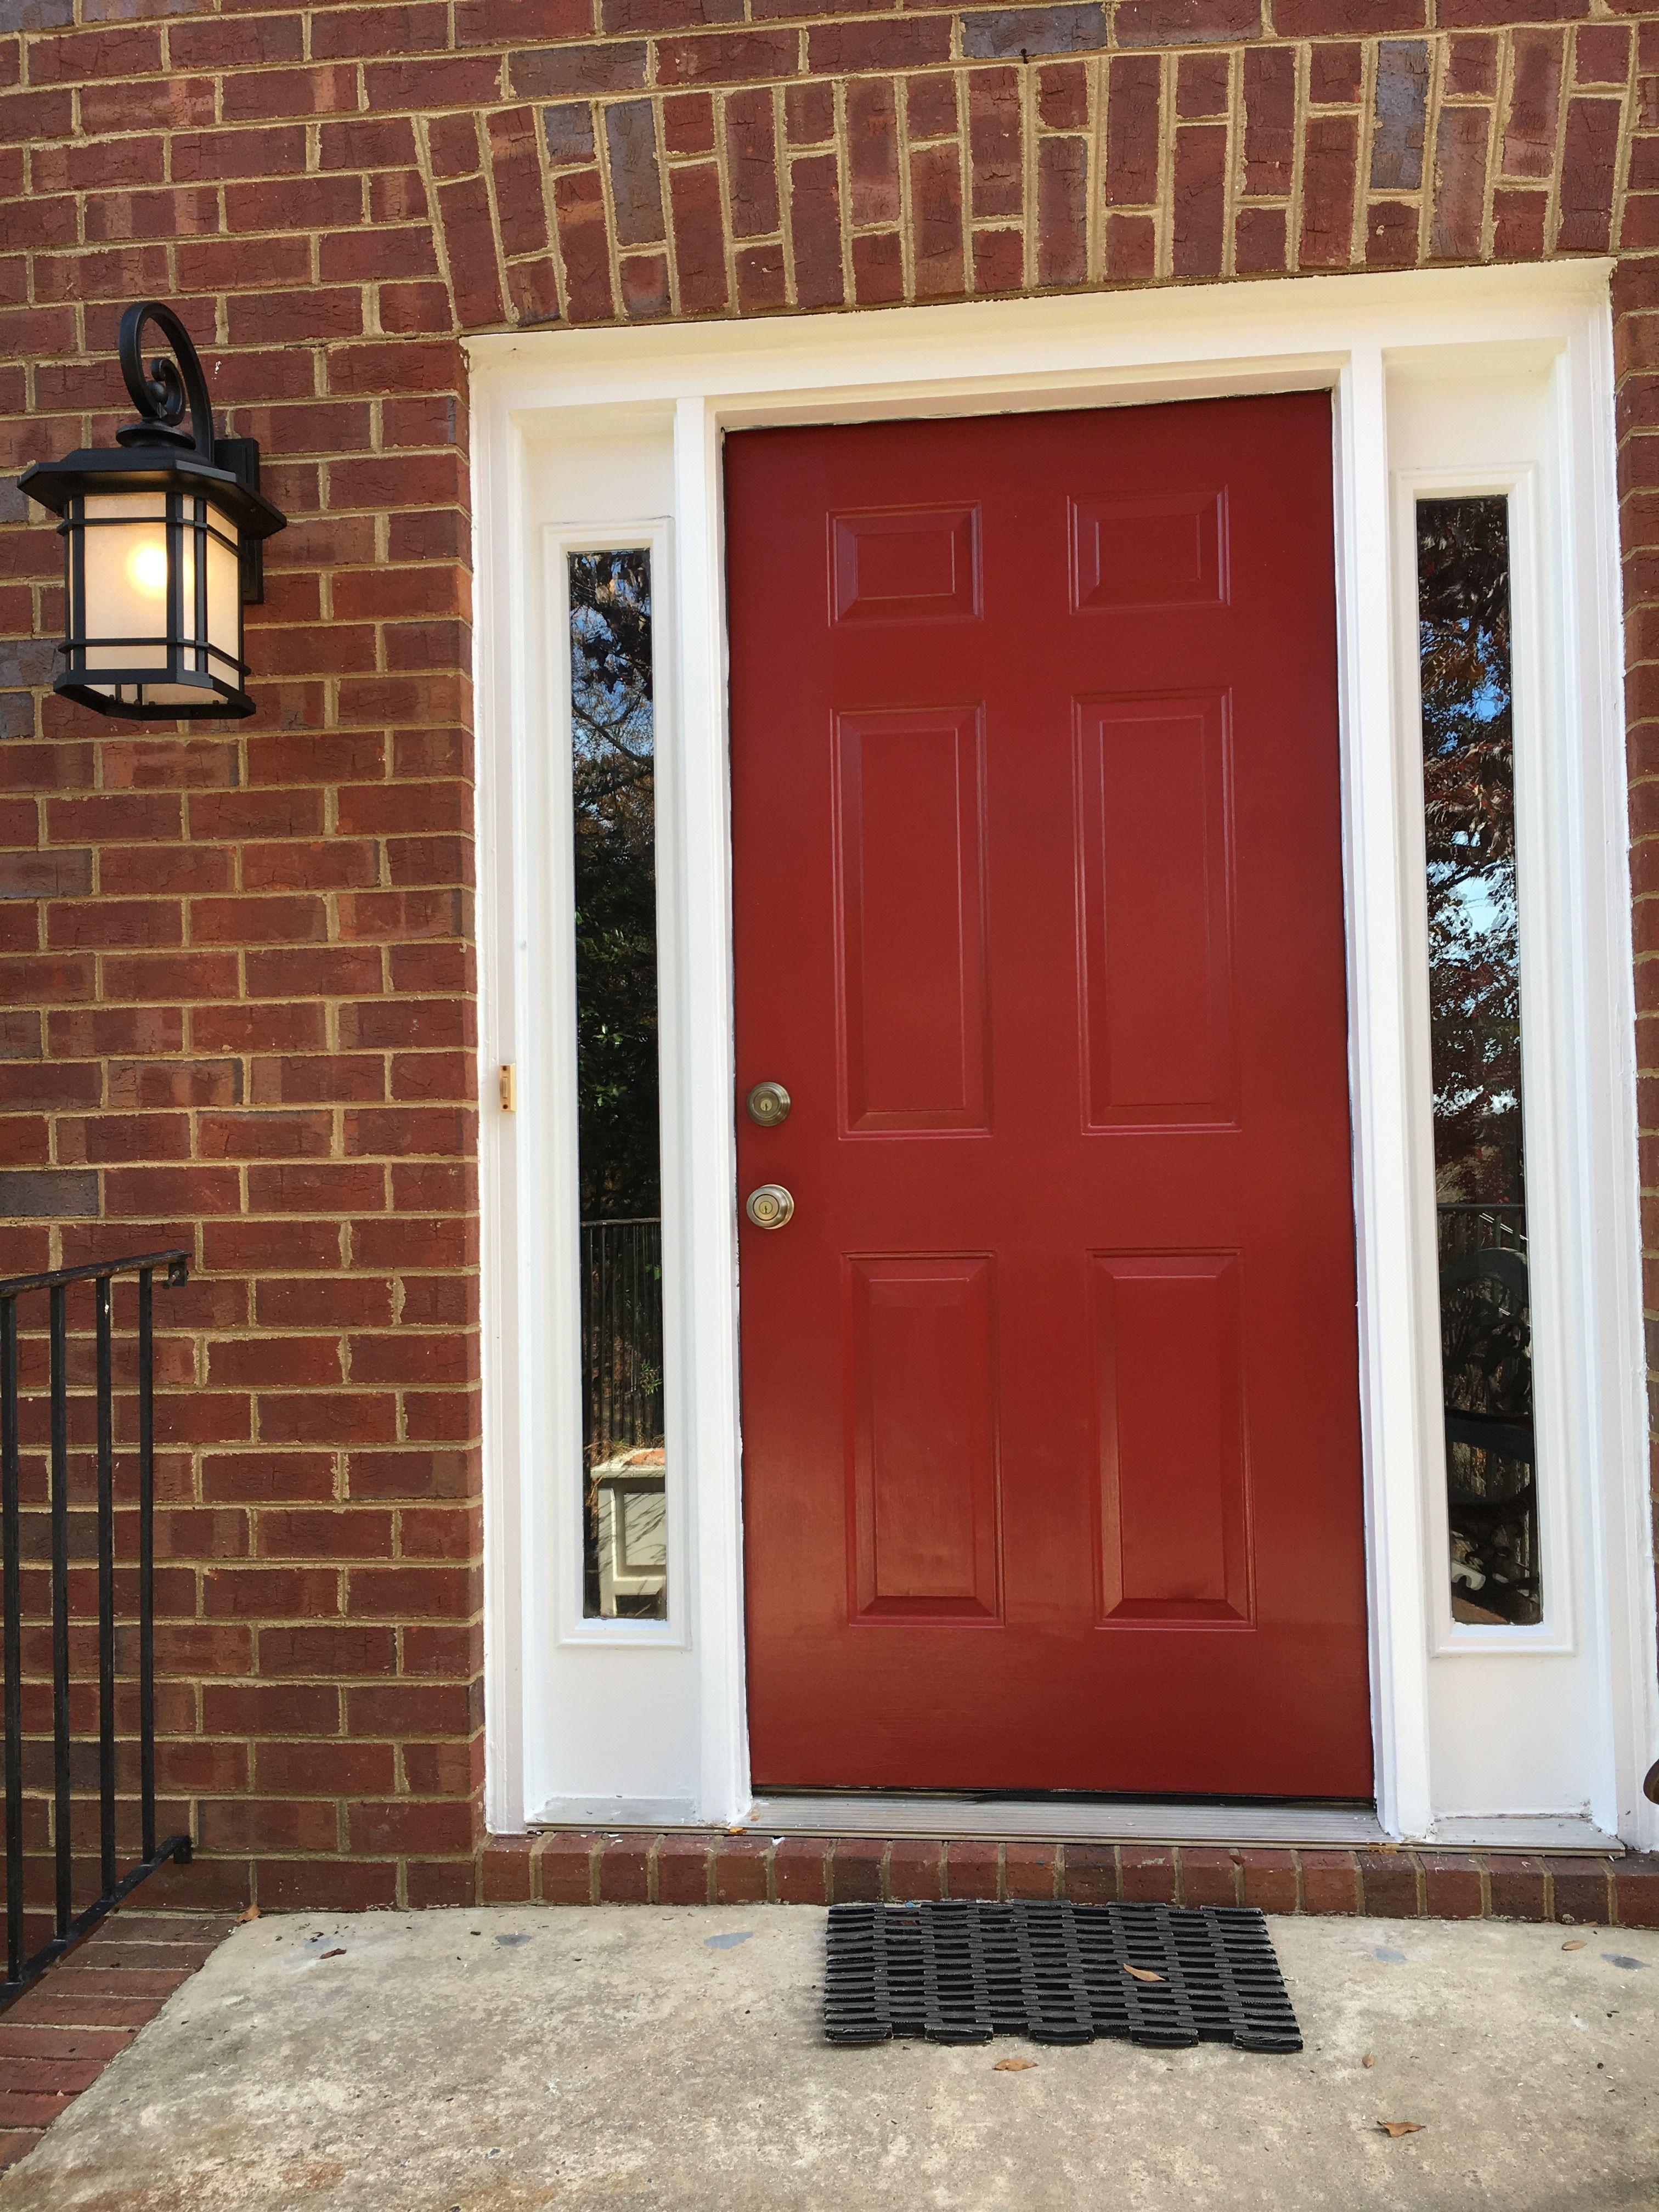 Light Fixtures After Painting Door